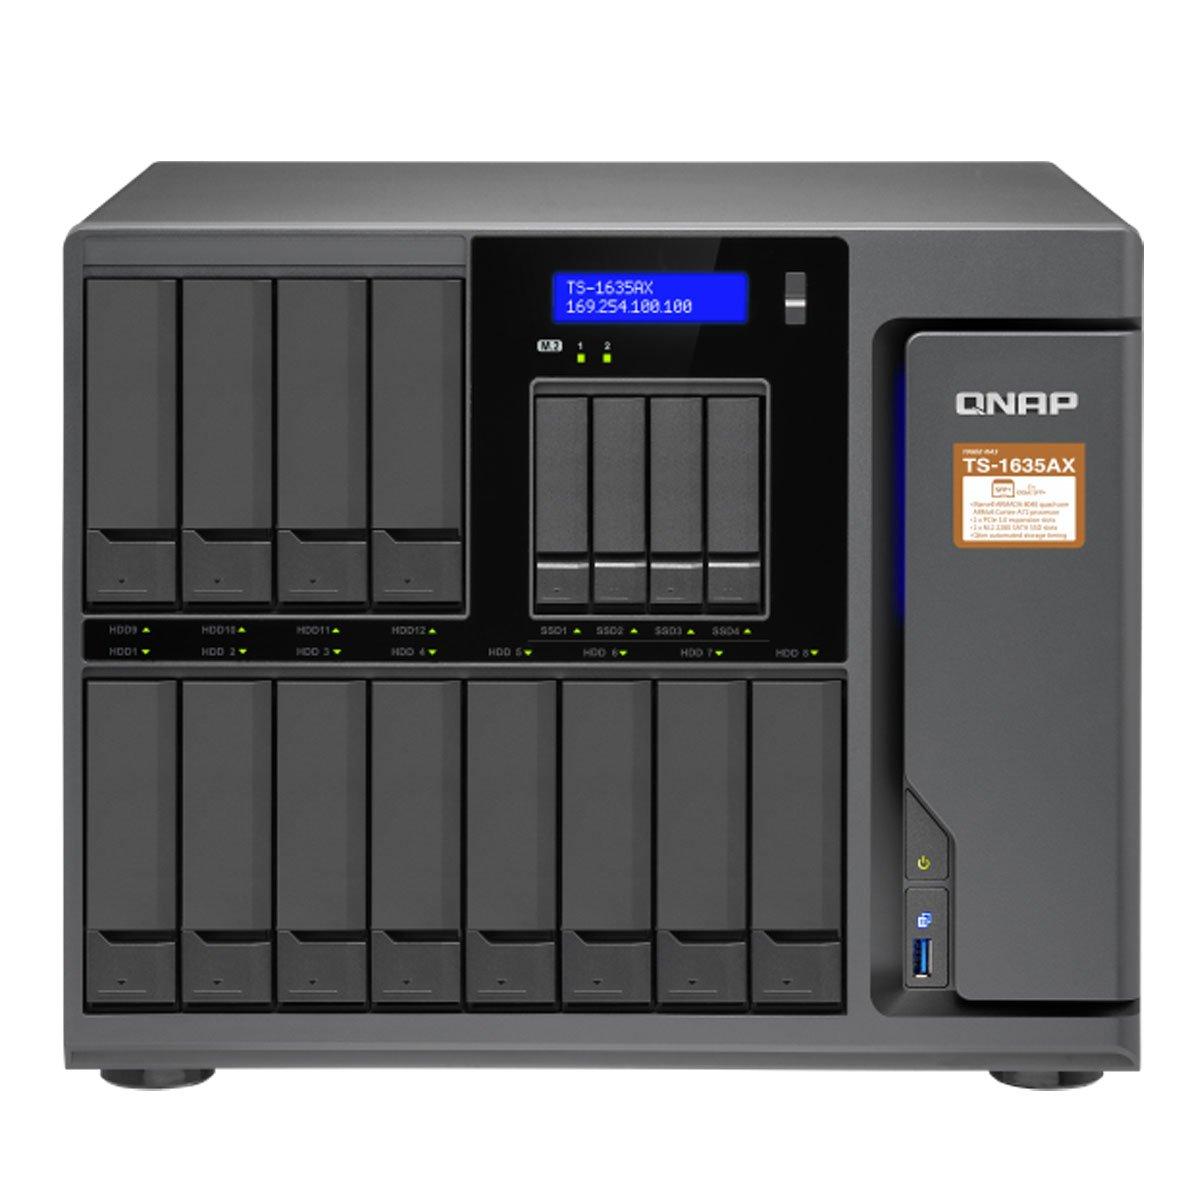 QNAP TS-1635AX-4G-US 12+4 Bay, Marvell Armada 8040 Quad-core 1.6GHz, 4GB DDR4 RAM, 2X M.2 2280 SATA Slots, 2X 10GbE SFP+ LAN, 2X GbE LA by QNAP